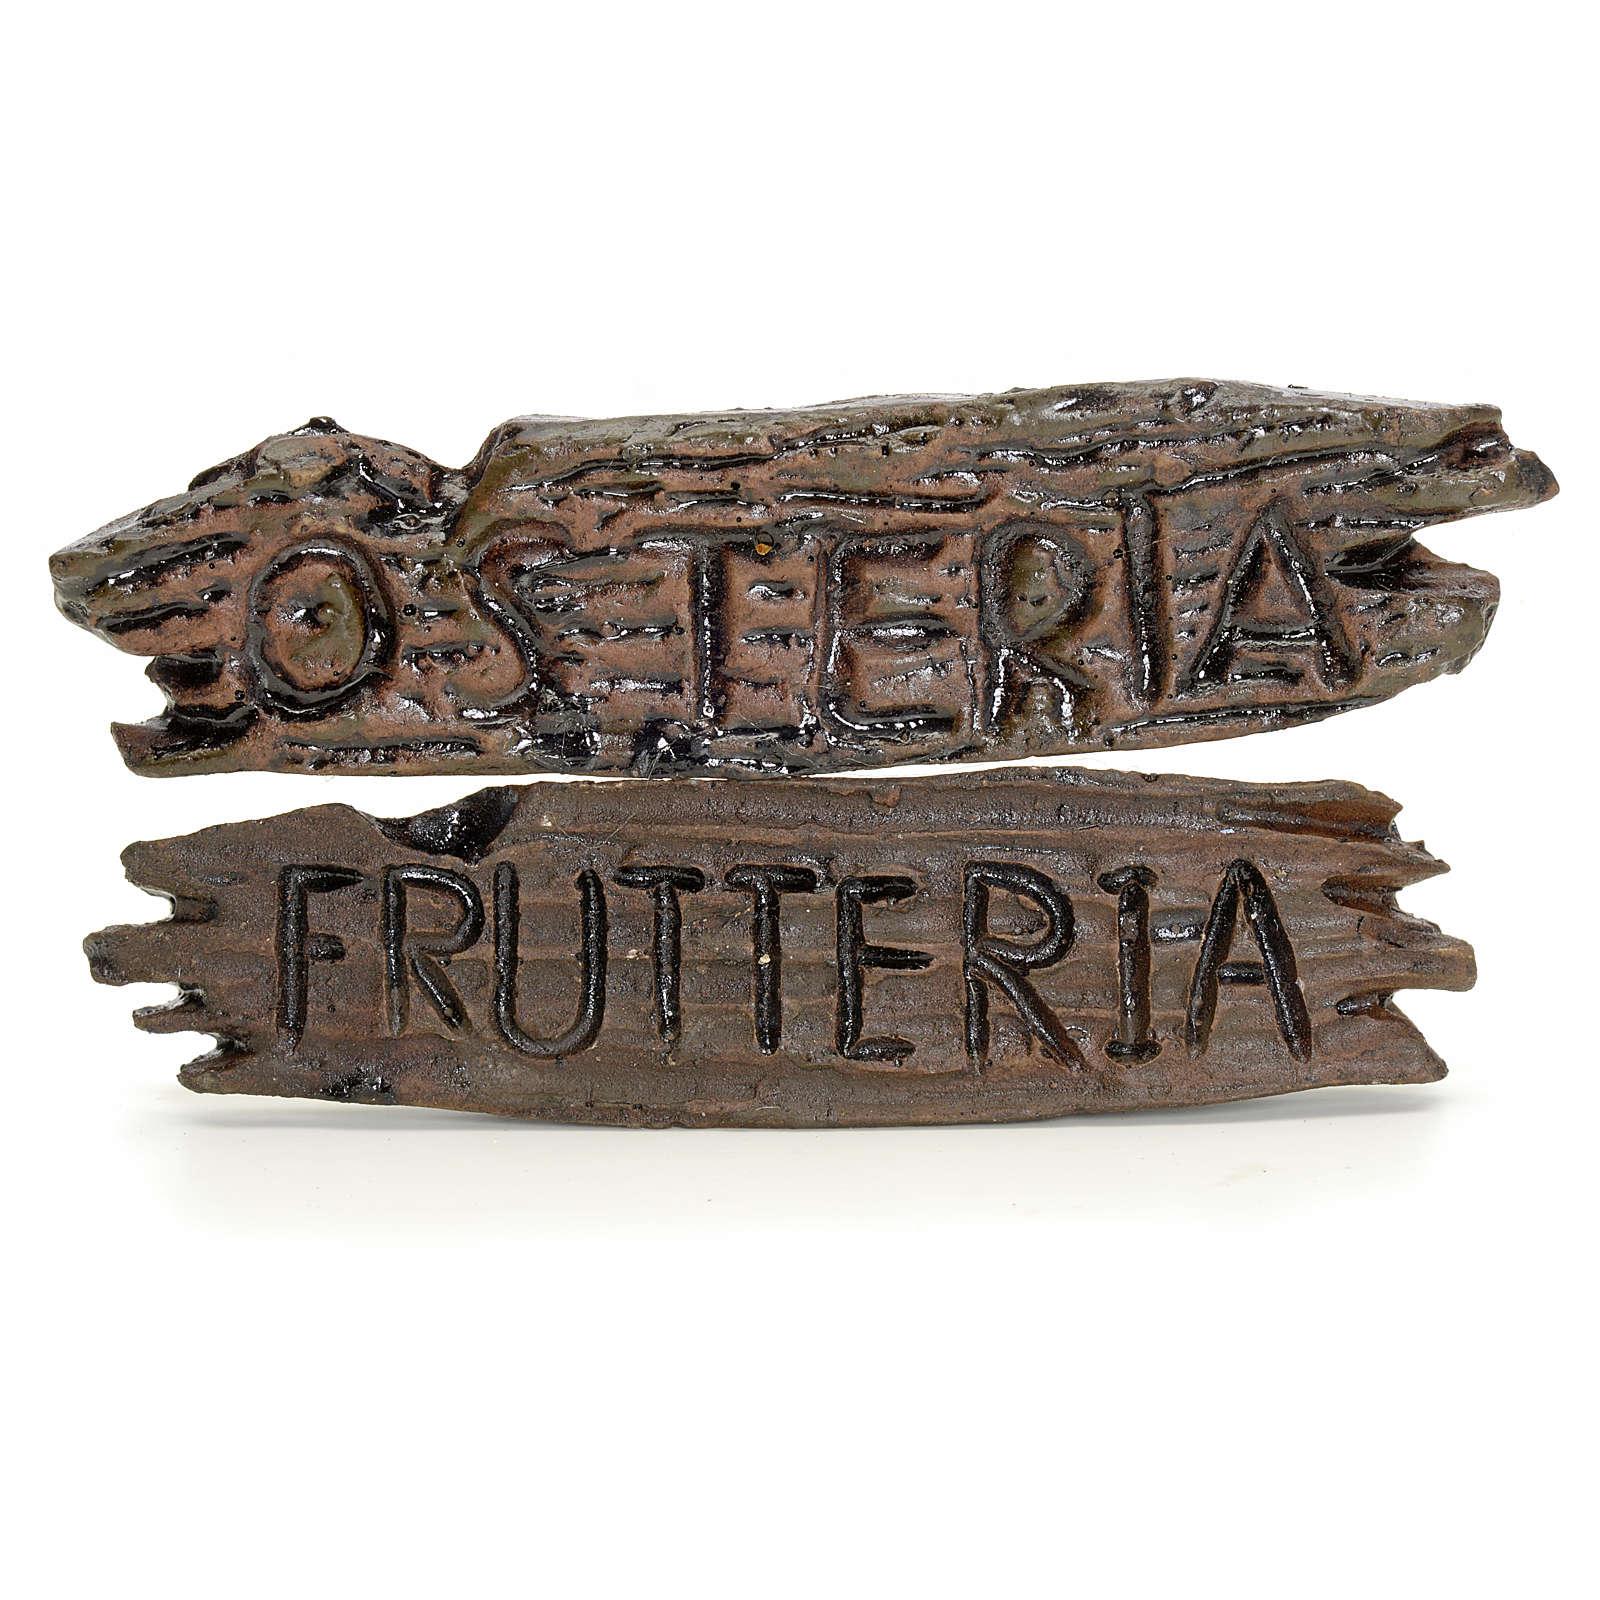 Nativity shop sign: Osteria, Frutteria 6x1.5cm 4